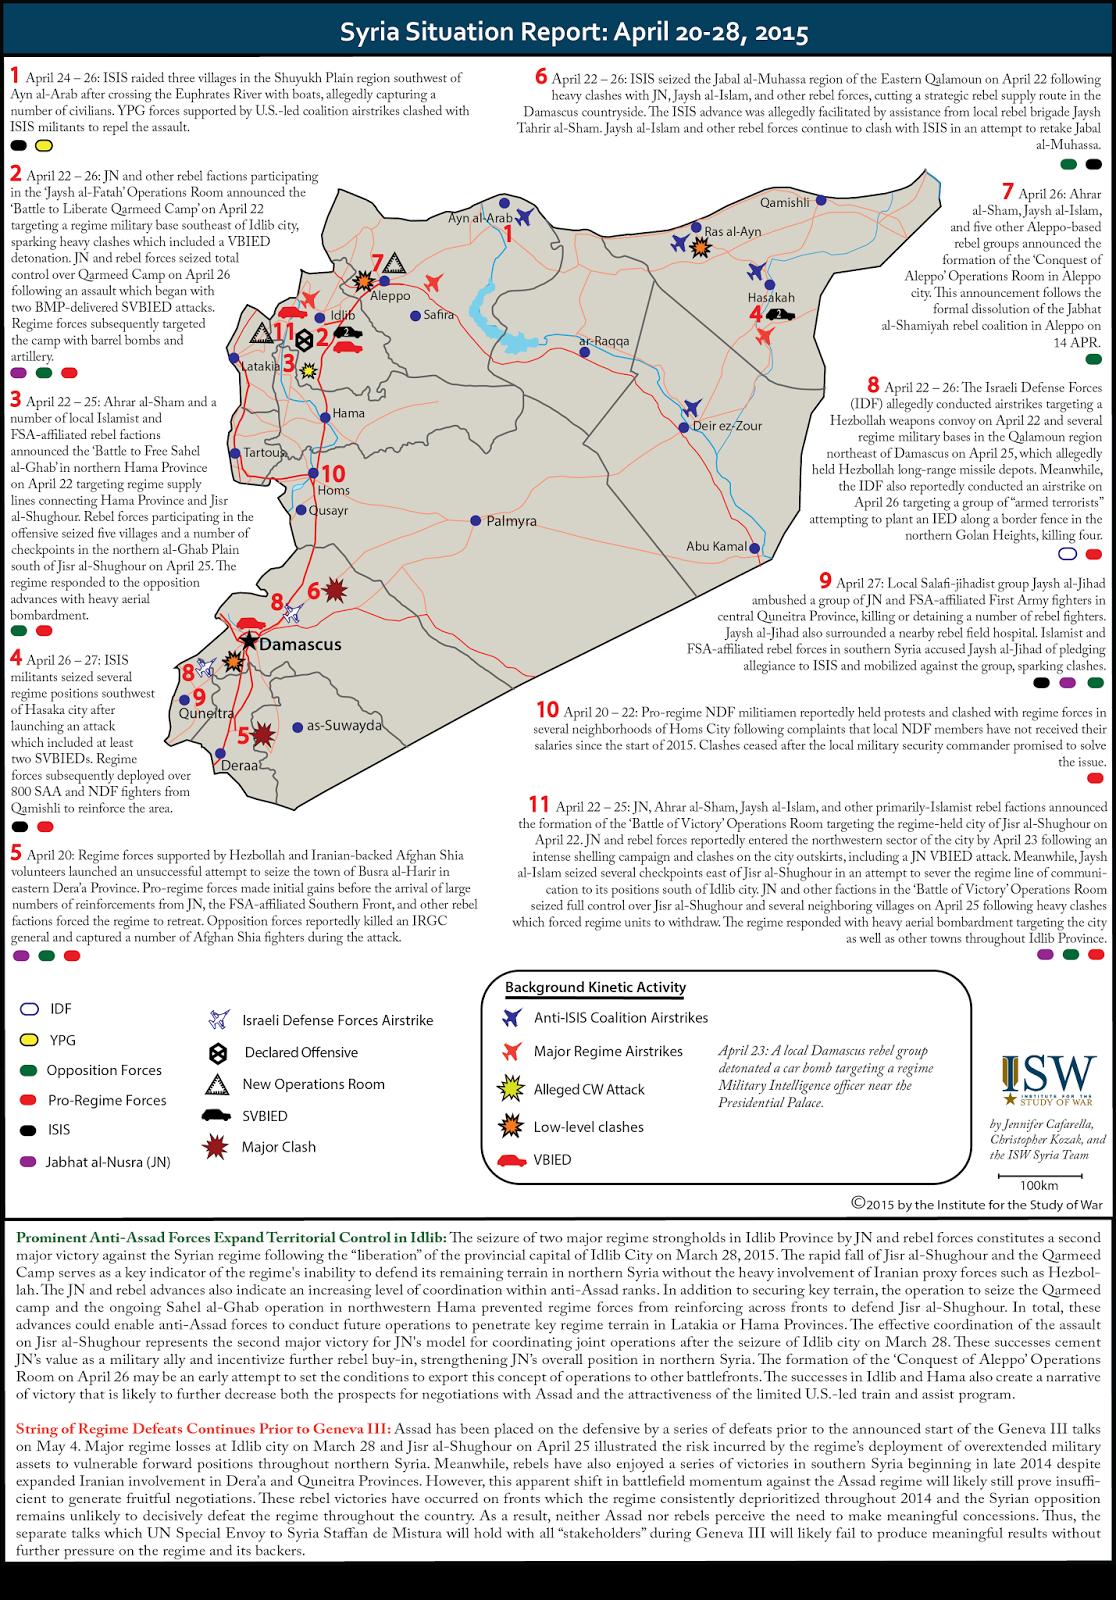 betrokken partijen syrië